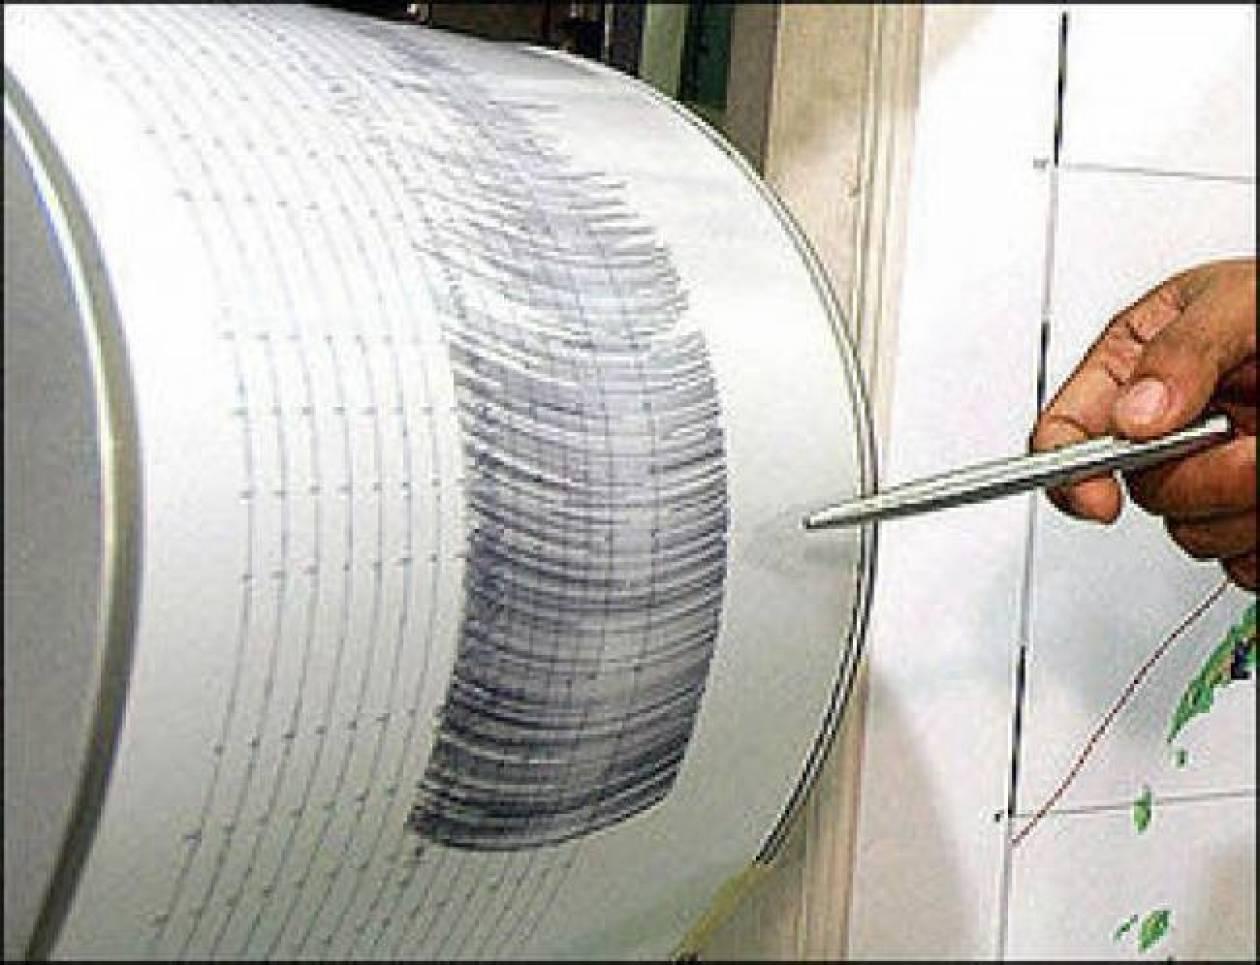 Σεισμός στη Σαμοθράκη: Ενεργοποιήθηκε το ρήγμα της Ανατολίας